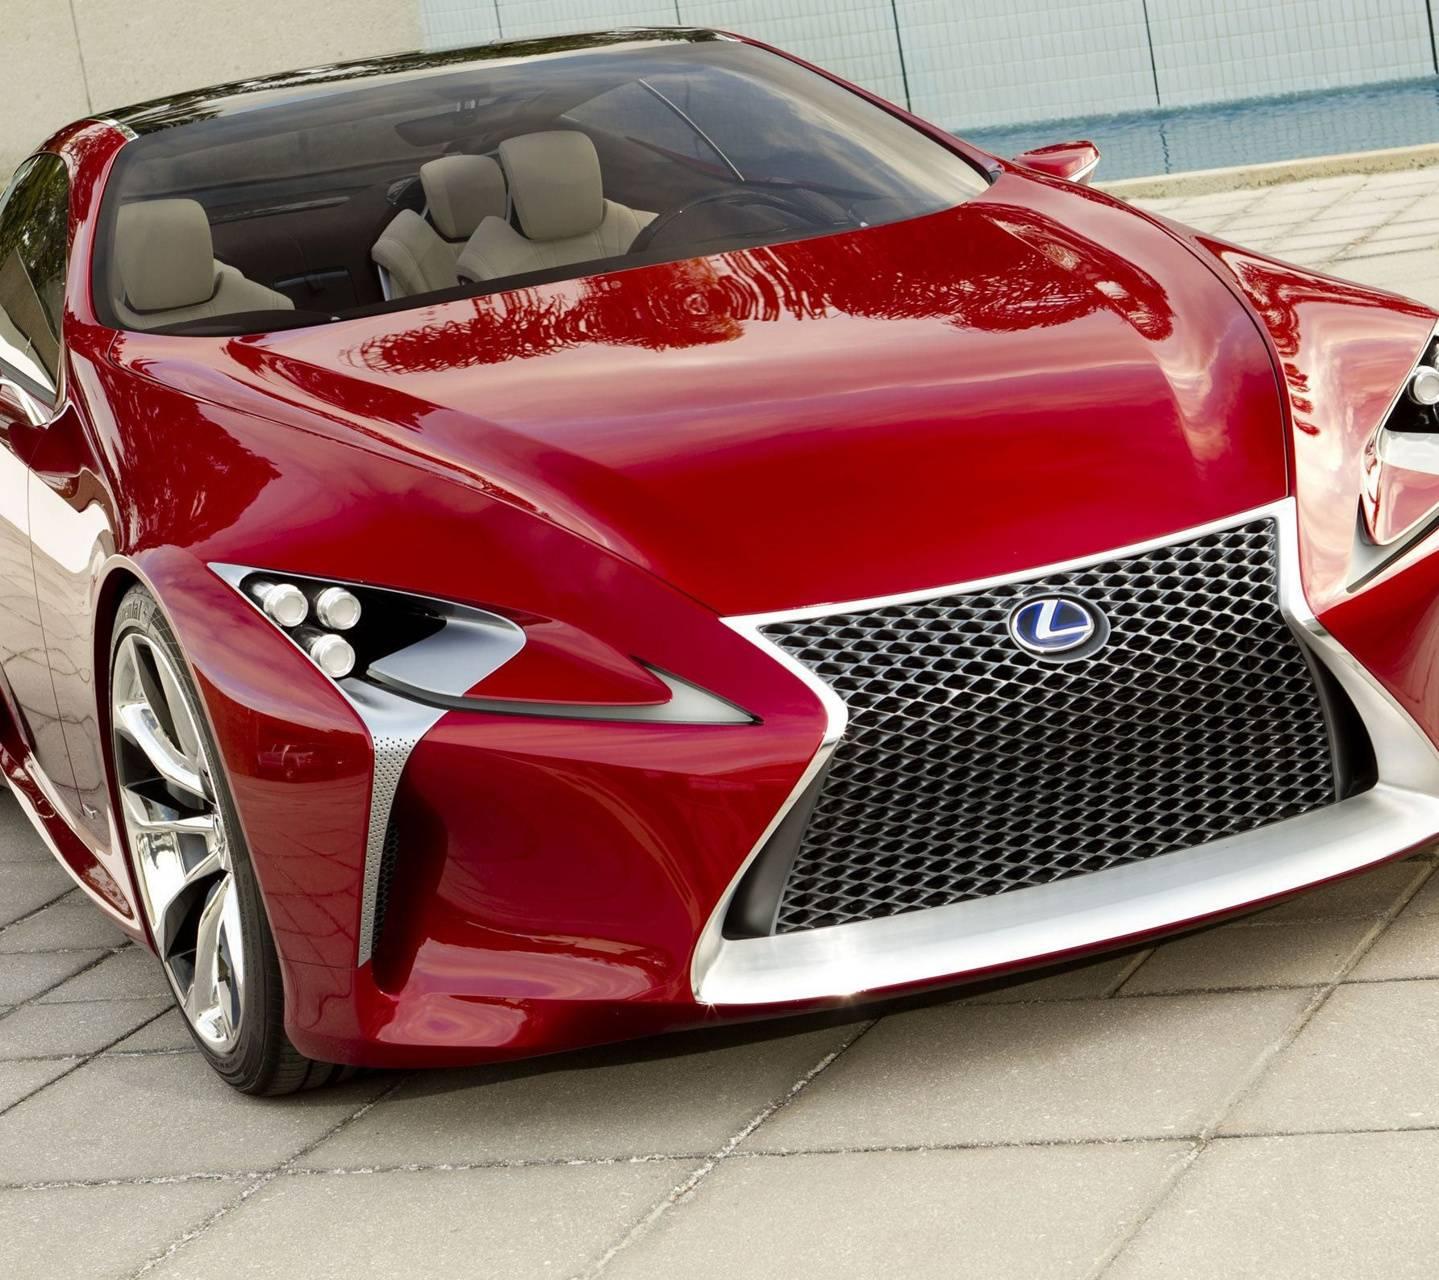 Super Red Lexus Lf